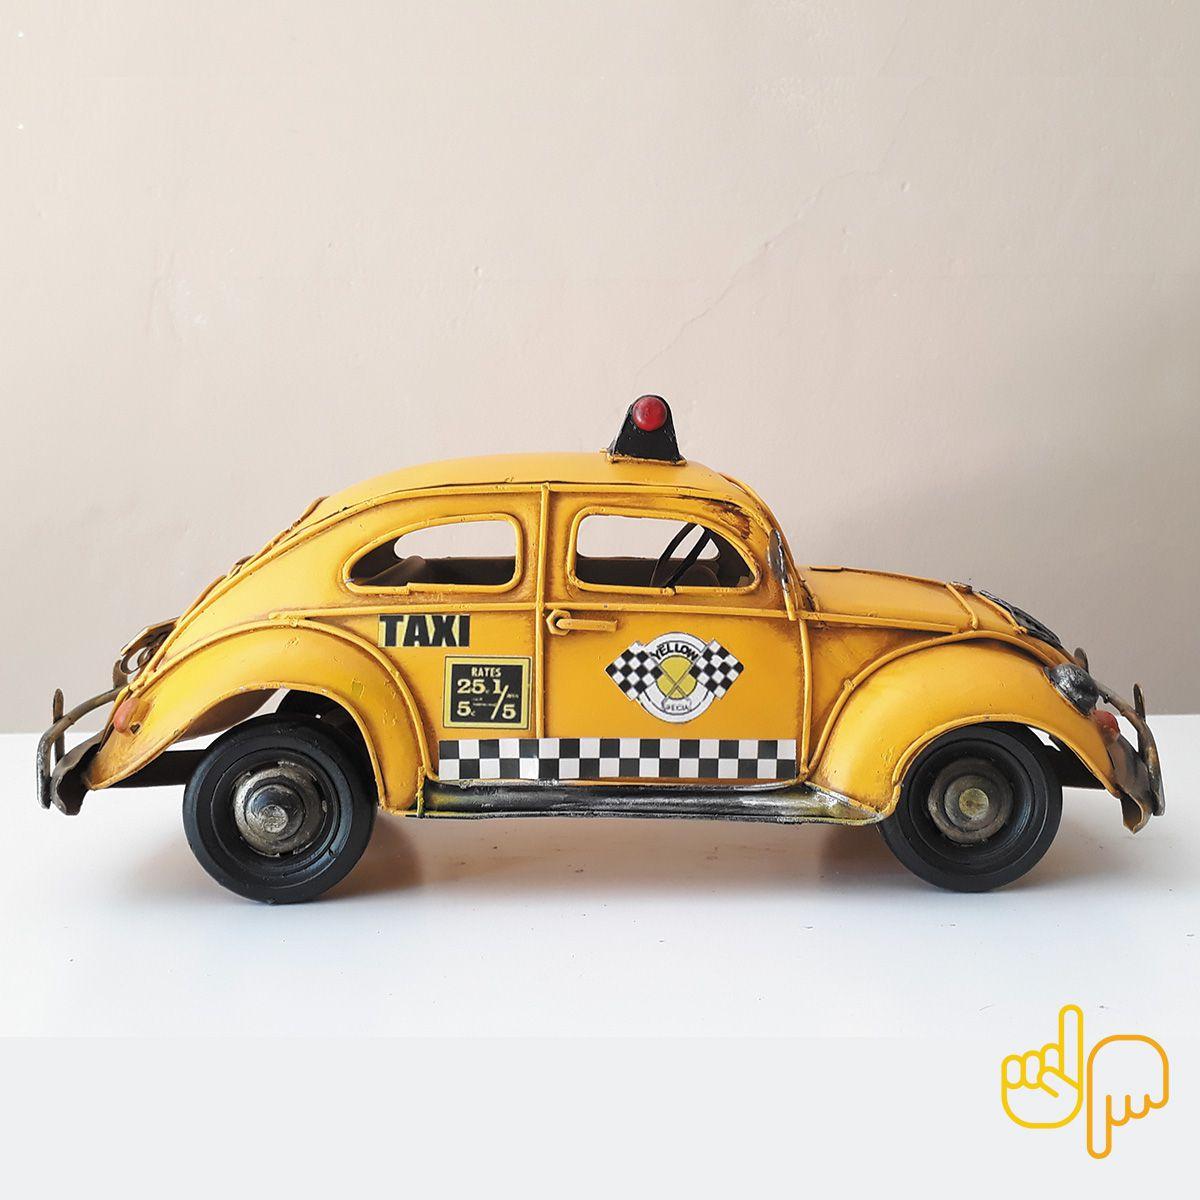 Carro de Metal Retro Volkswagen 1964 Fusca Taxi